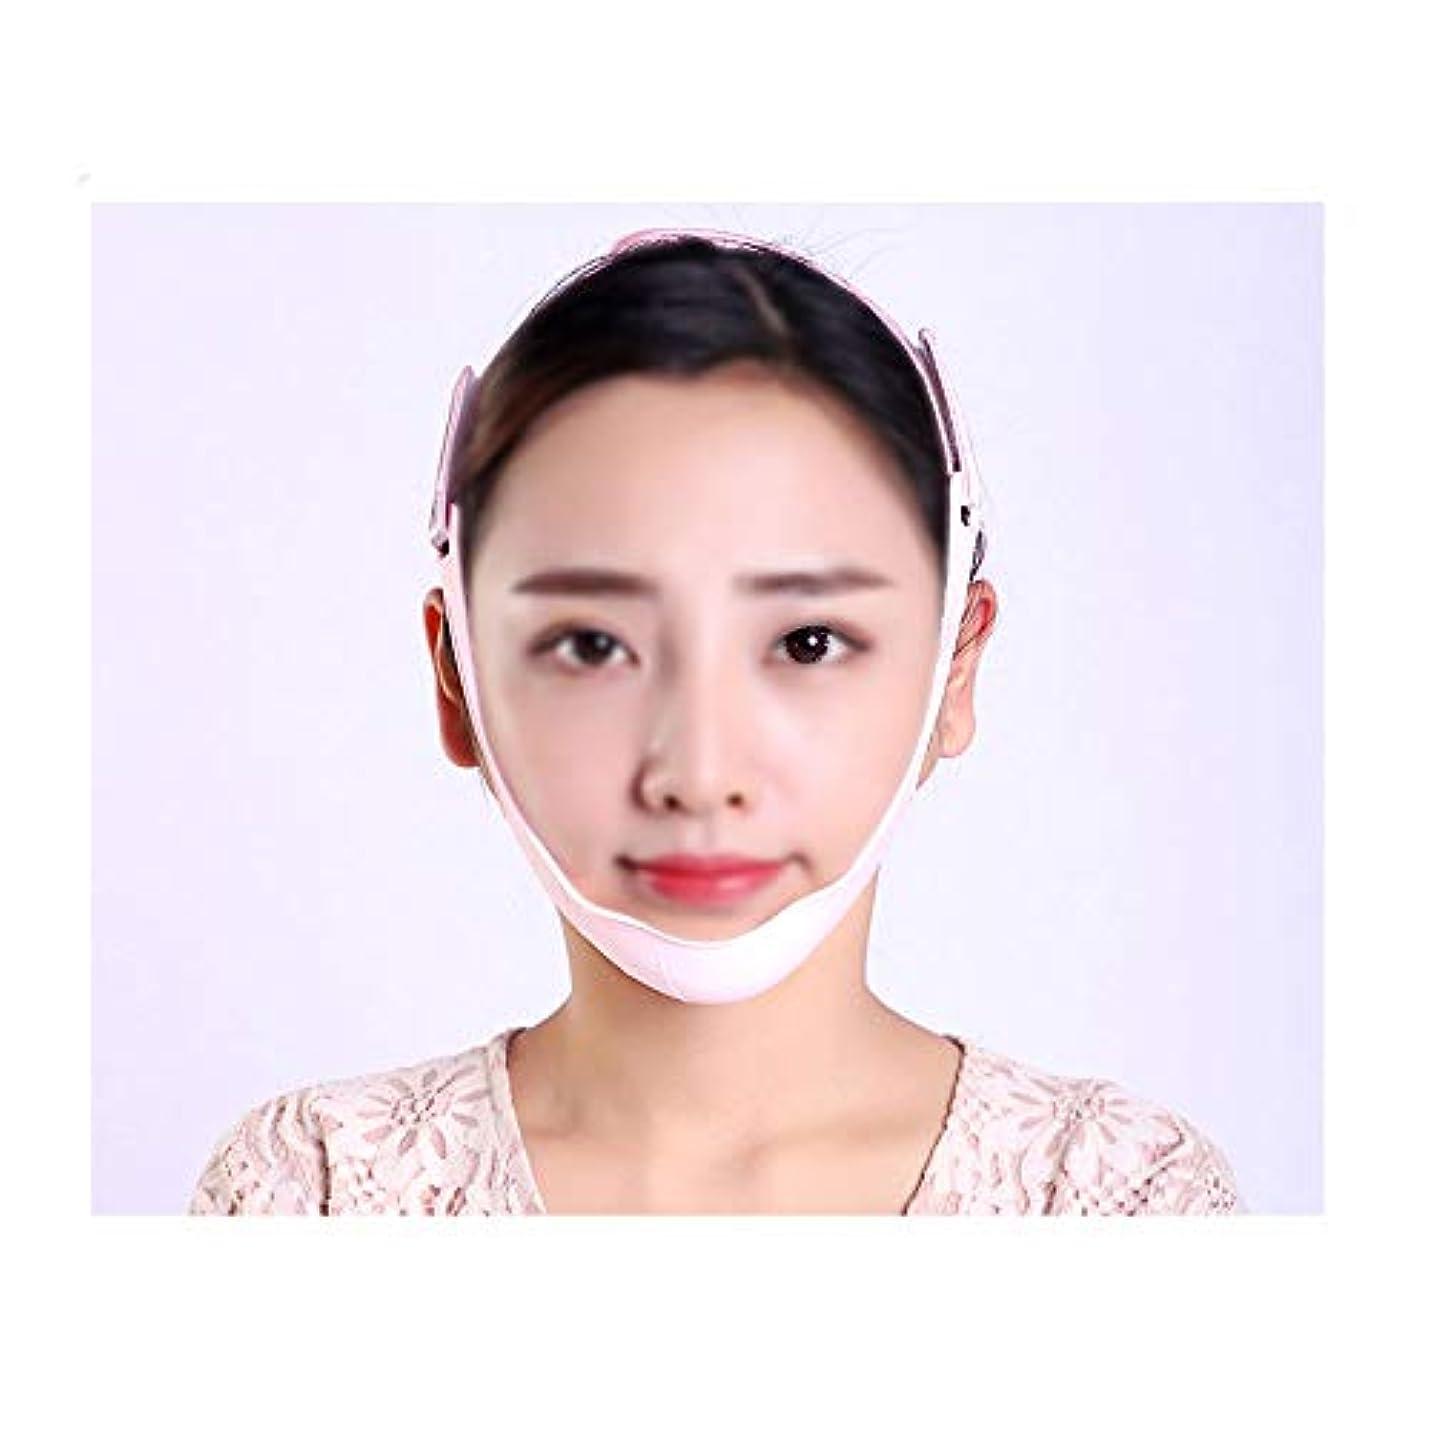 前提条件なめらか製造業GLJJQMY フェイシャルファーミングマスクリフティングフェイシャルファーミングボディマッセンスキニー包帯通気性二重層顎痩身マスク 顔用整形マスク